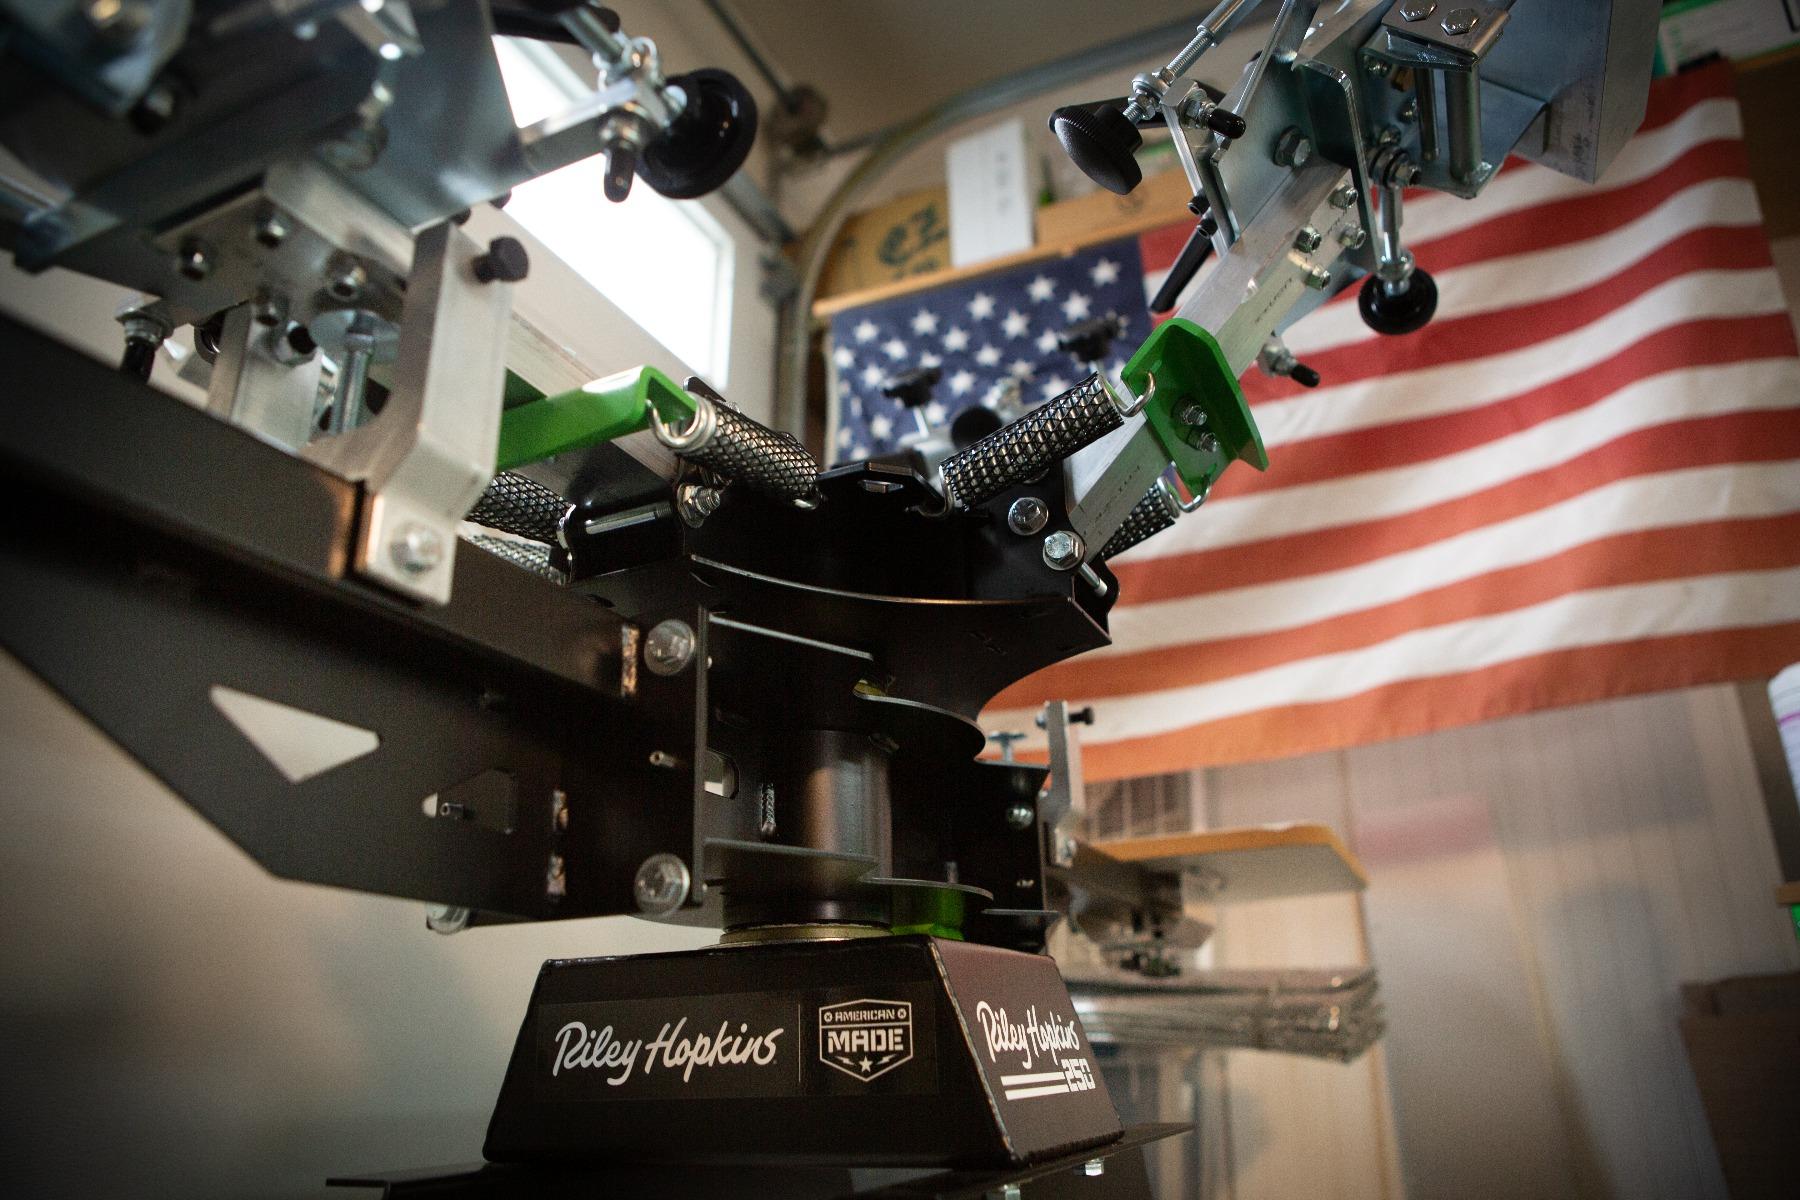 Riley Hopkins 250 Press Base